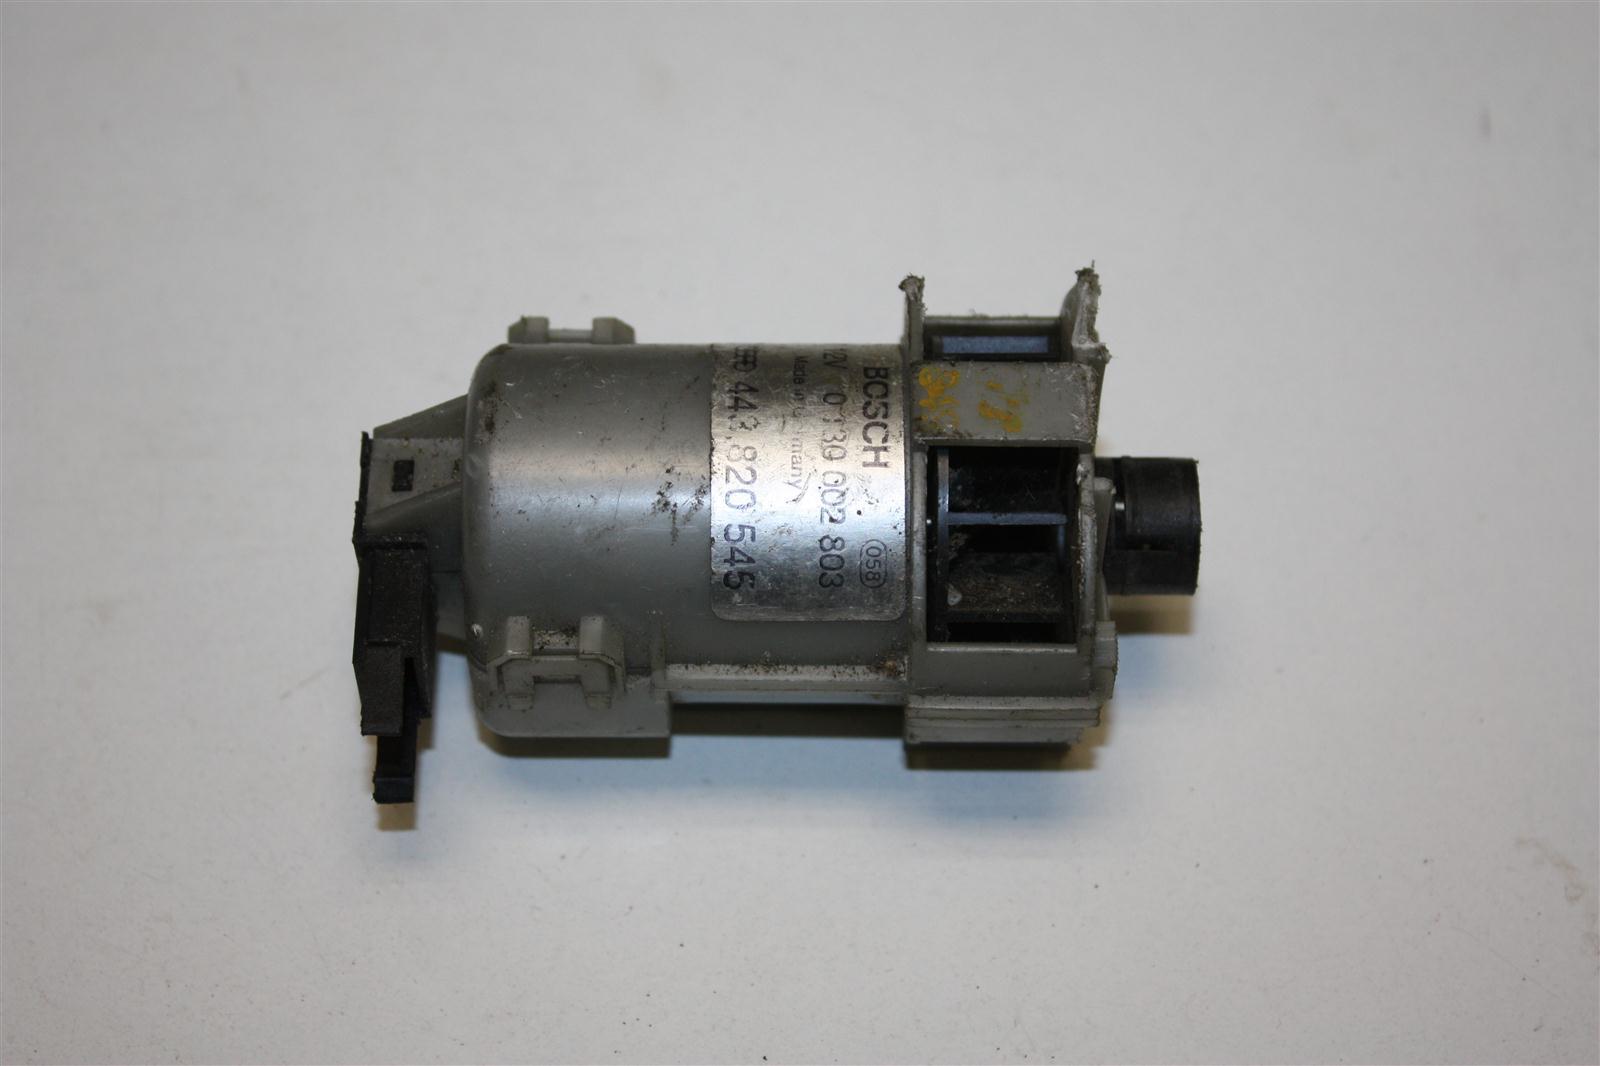 Audi 80/100/A6 C4/V8 Gebläse Temperaturfühler Amaturenbrett 443820545